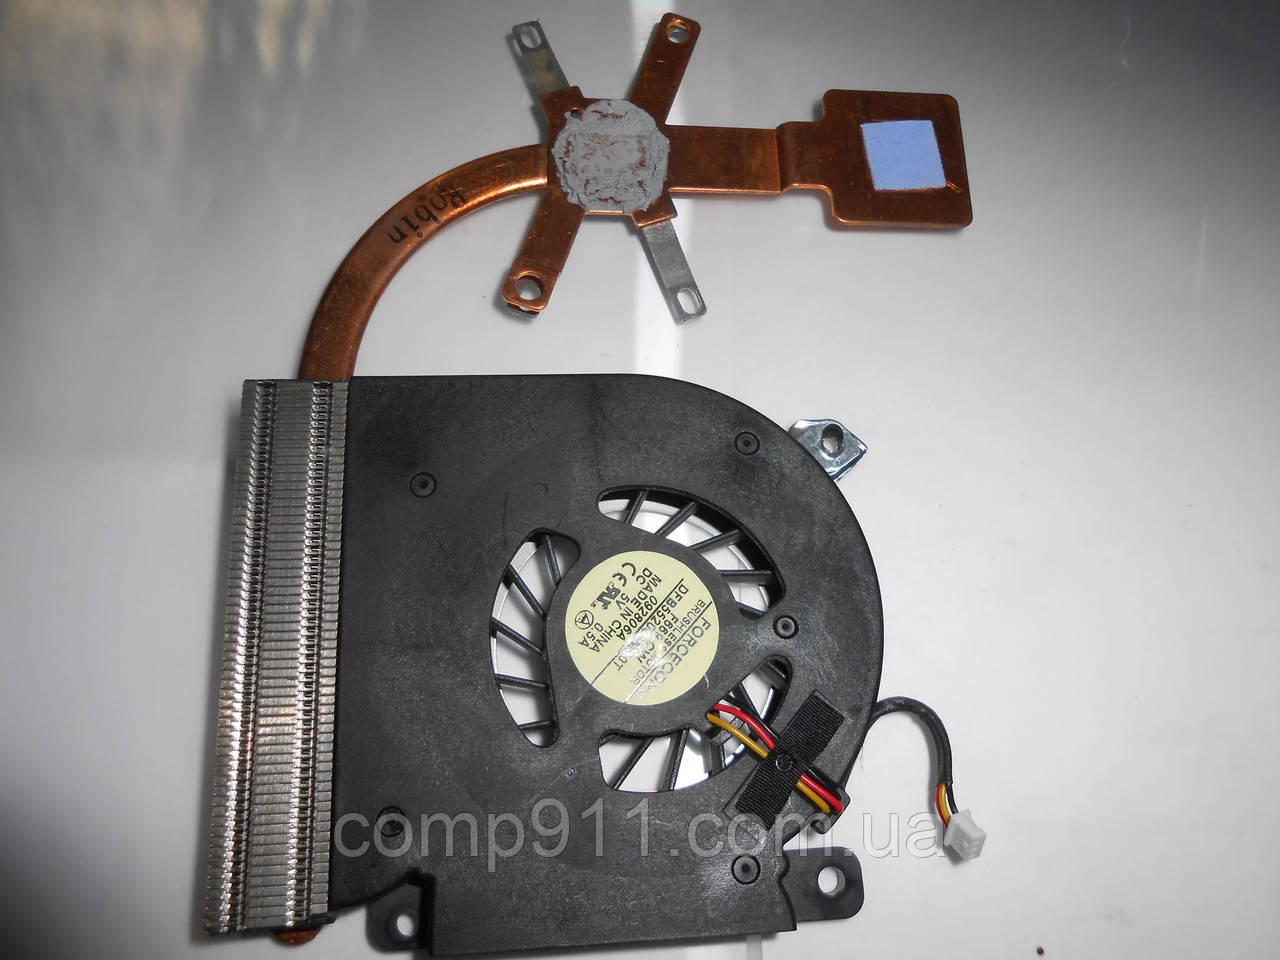 Система охлаждения для ноутбука Acer TravelMate 2490